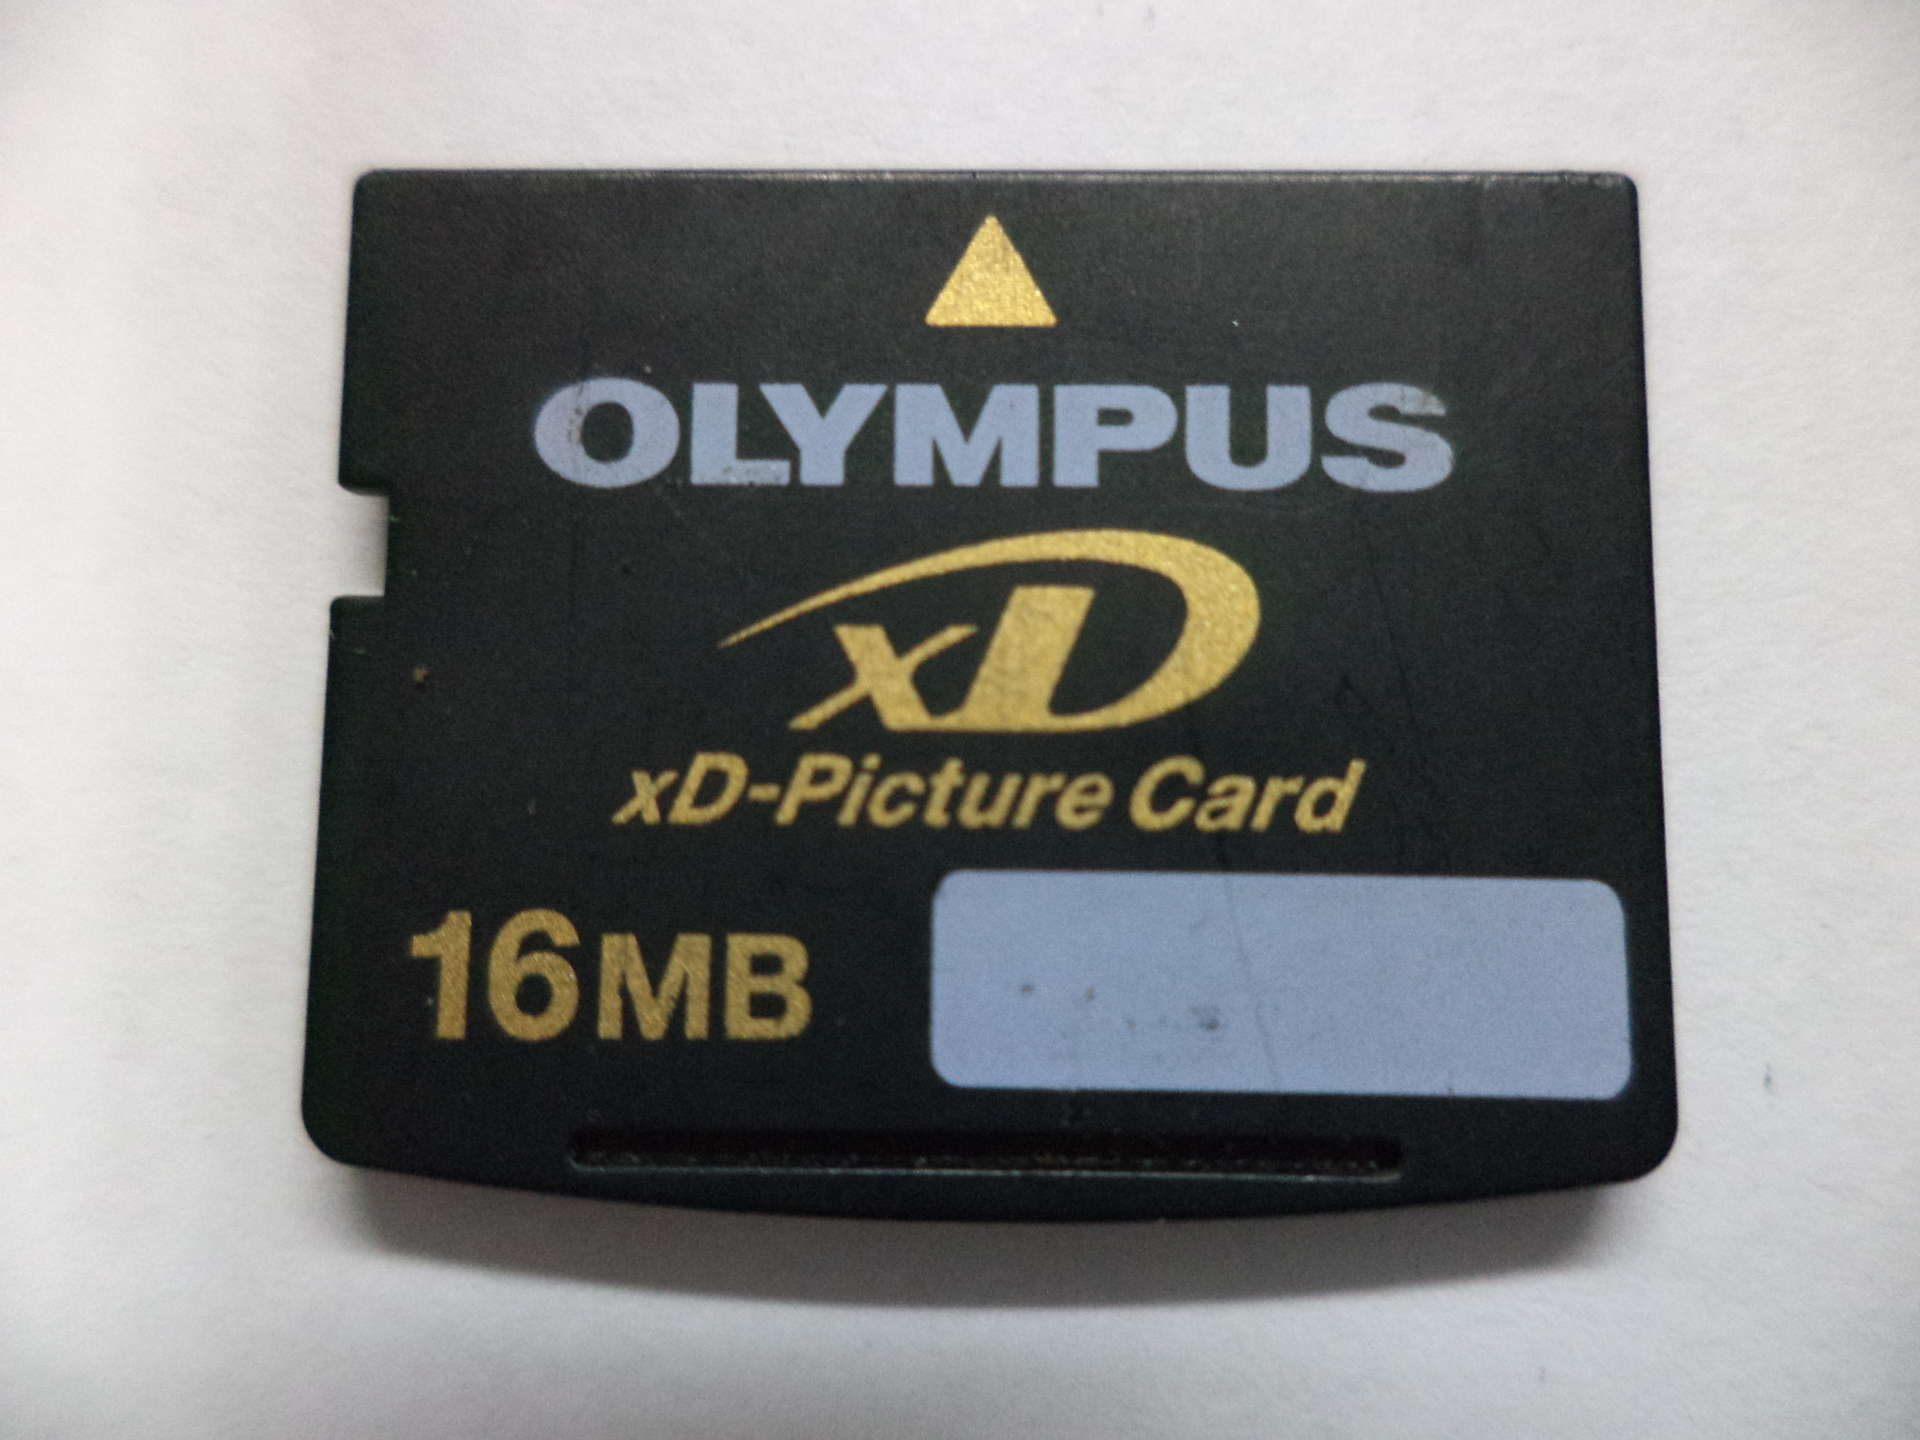 Xd picture card fujifilm olympus 7